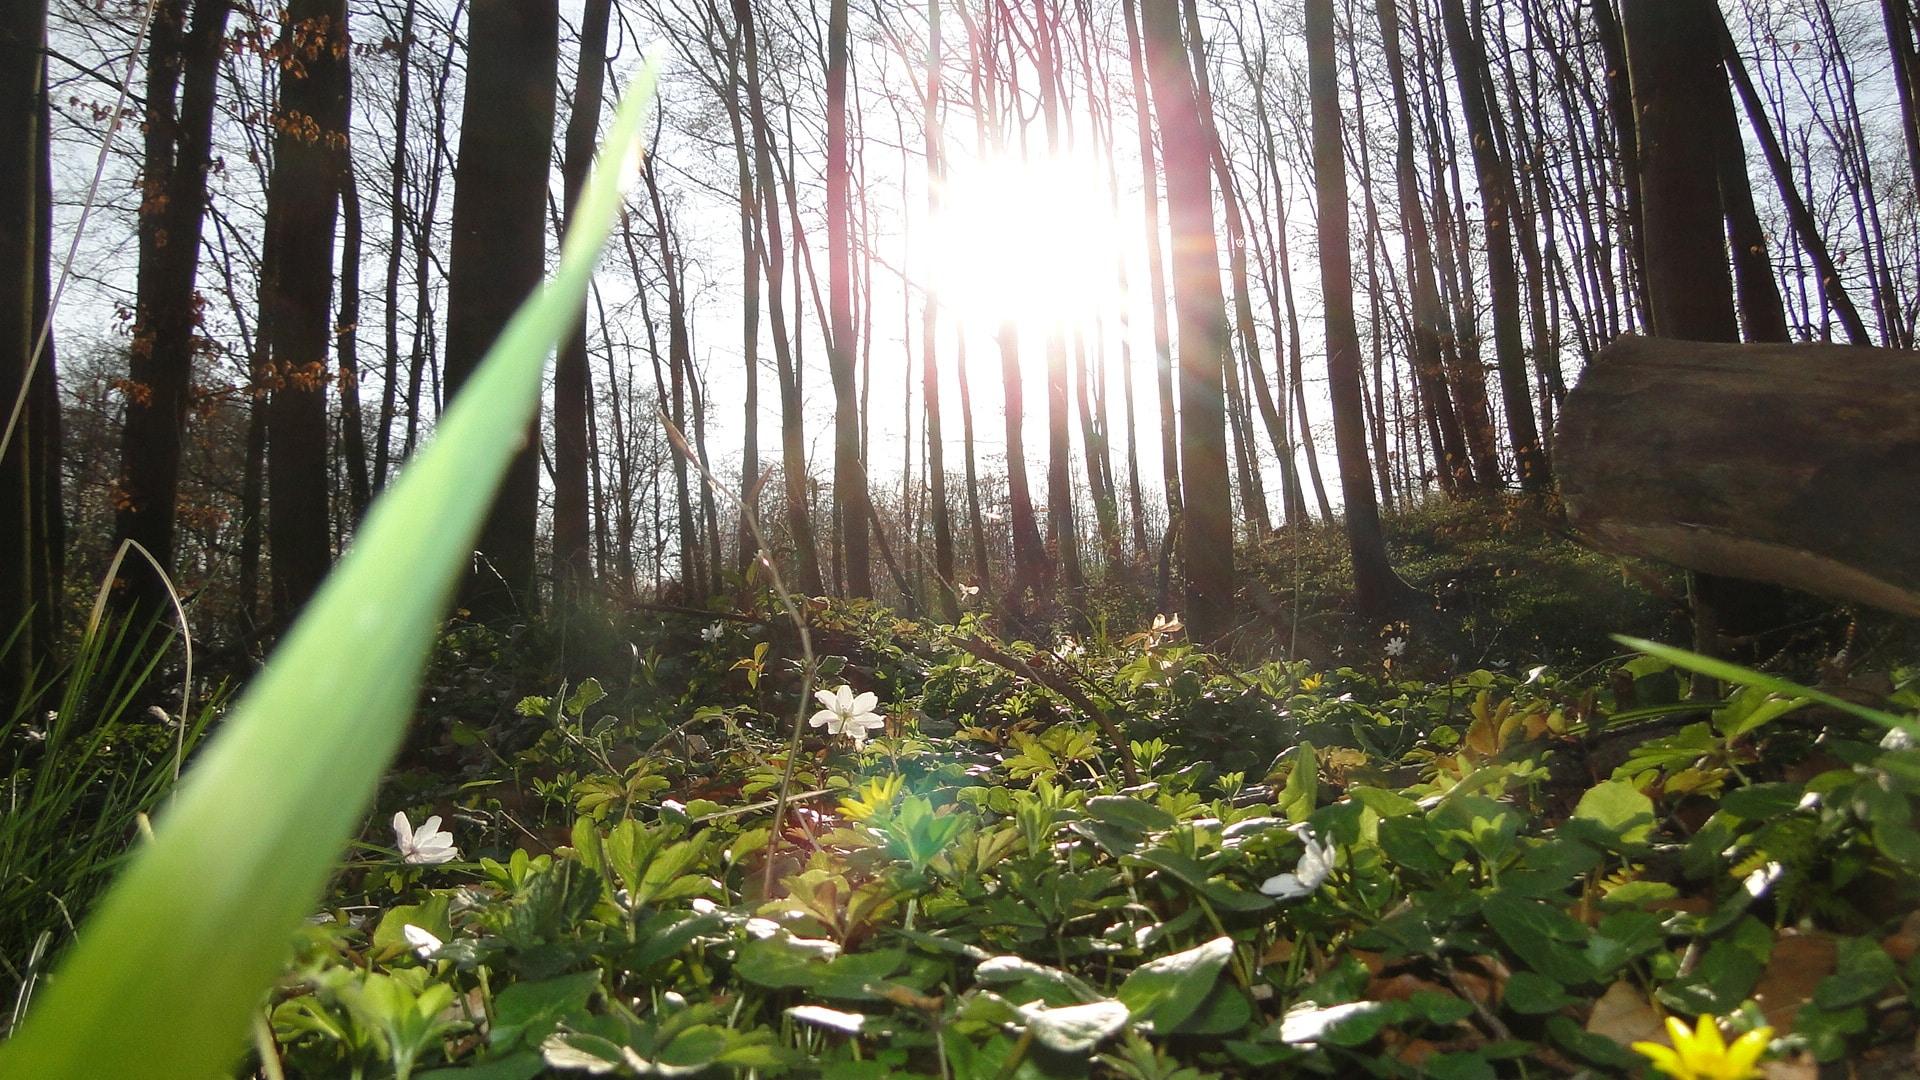 Wald mit Blumen und Sonne scheint durch die Bäume